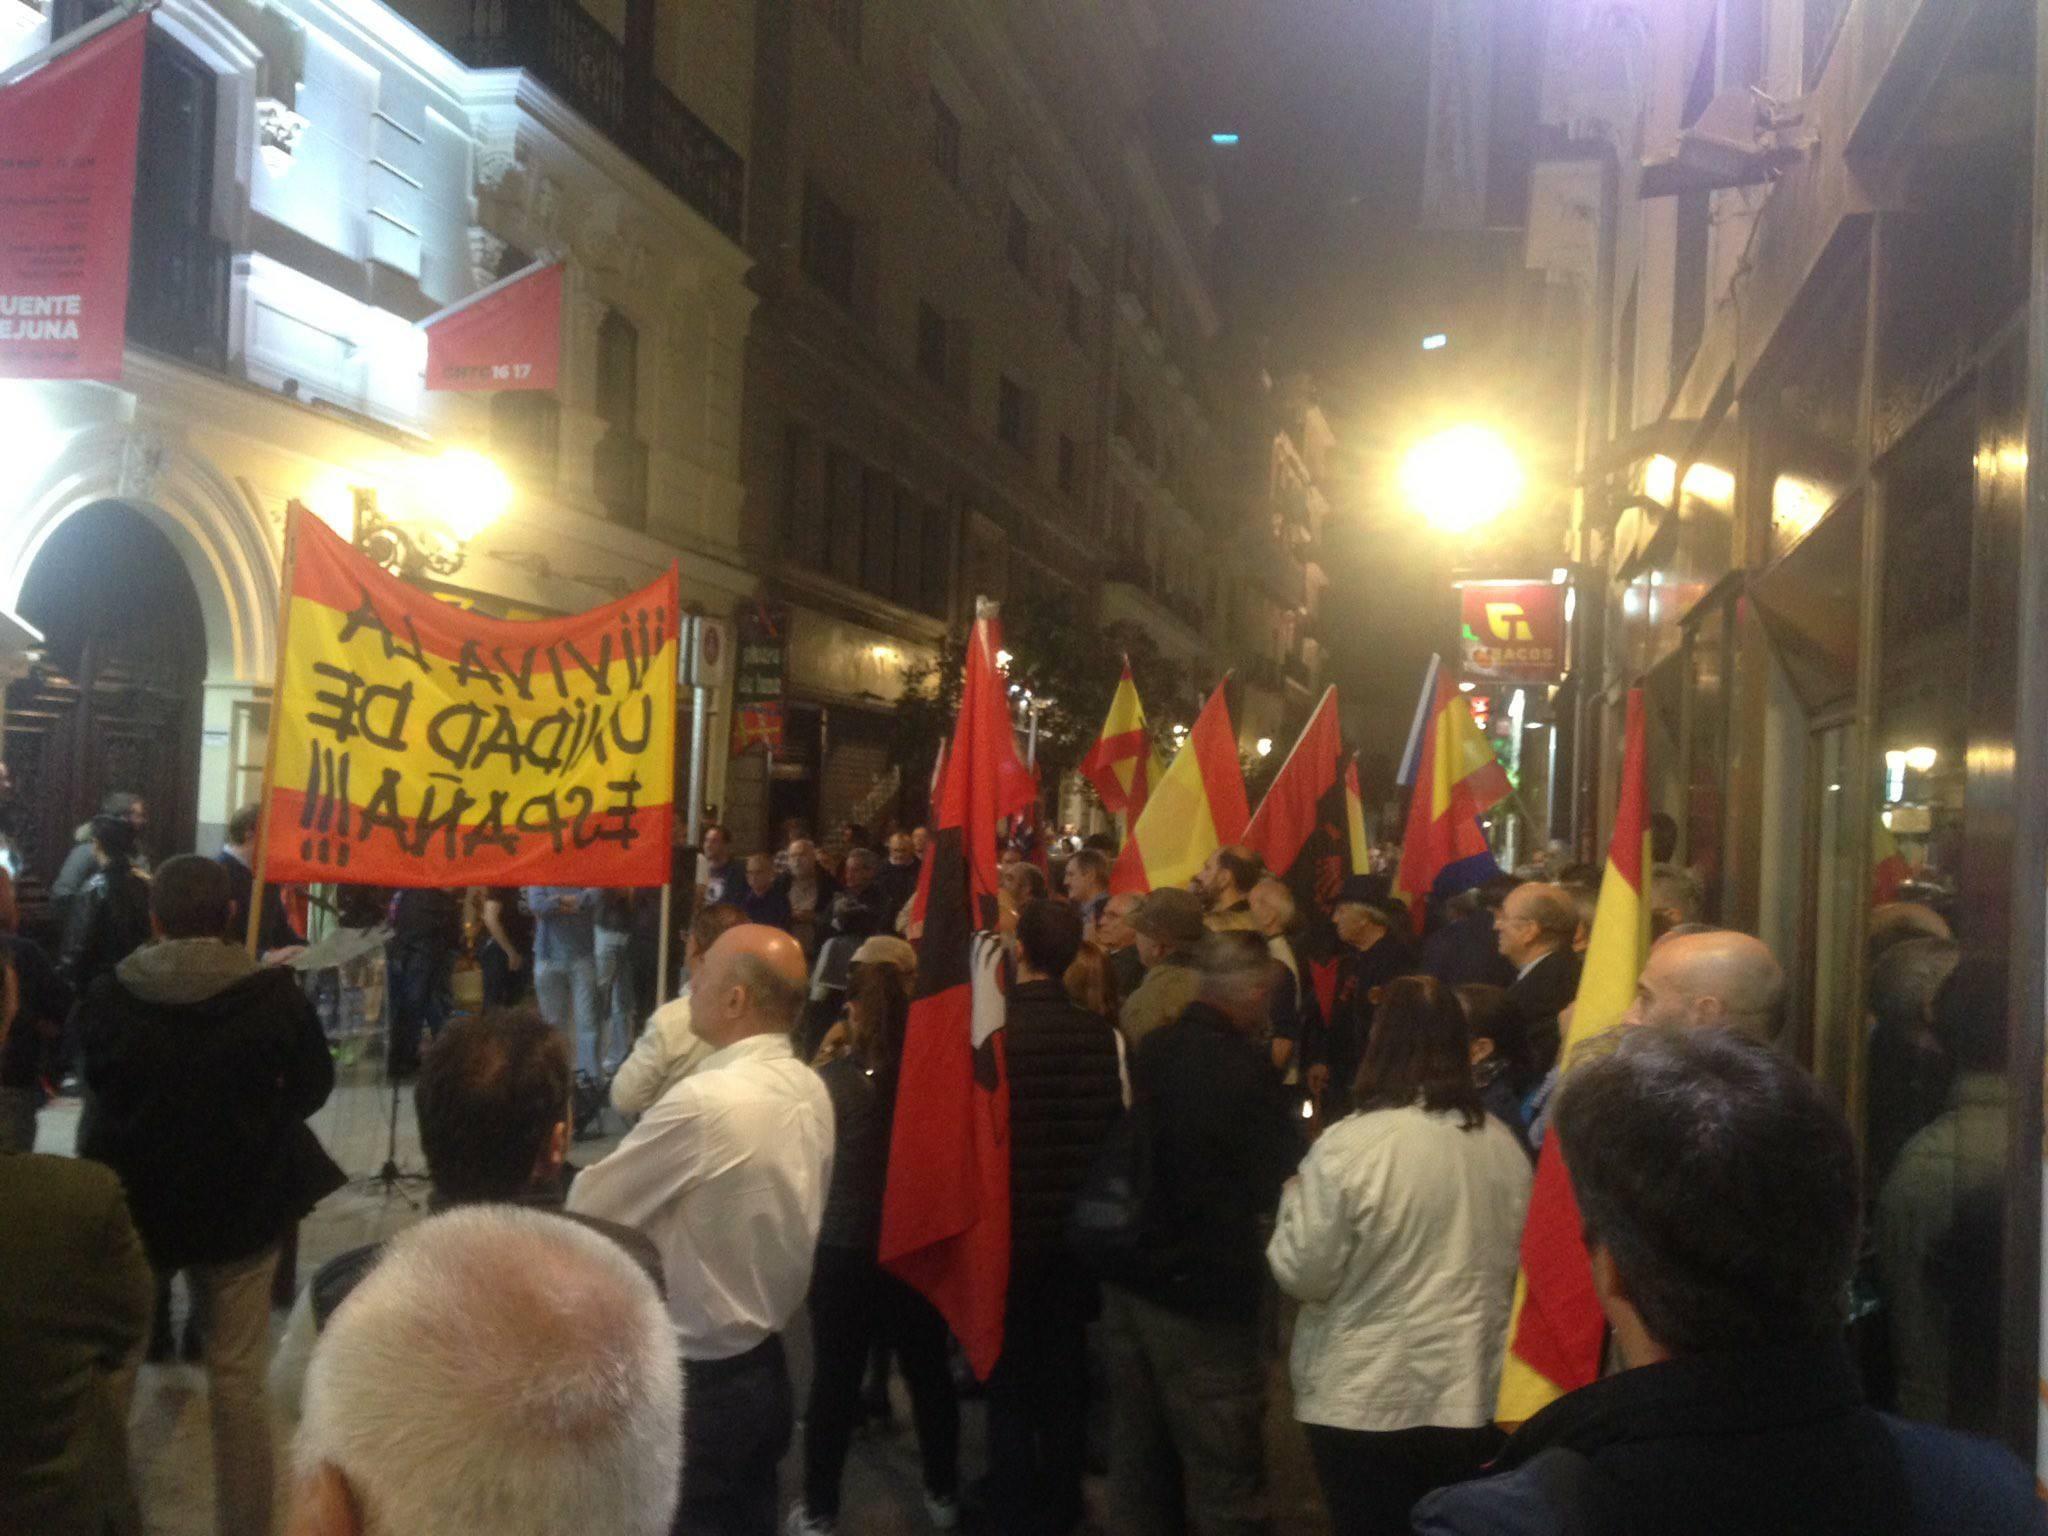 La extrema izquierda intenta boicotear el 83 aniversario de la fundación de La Falange en el Teatro de la Comedia.